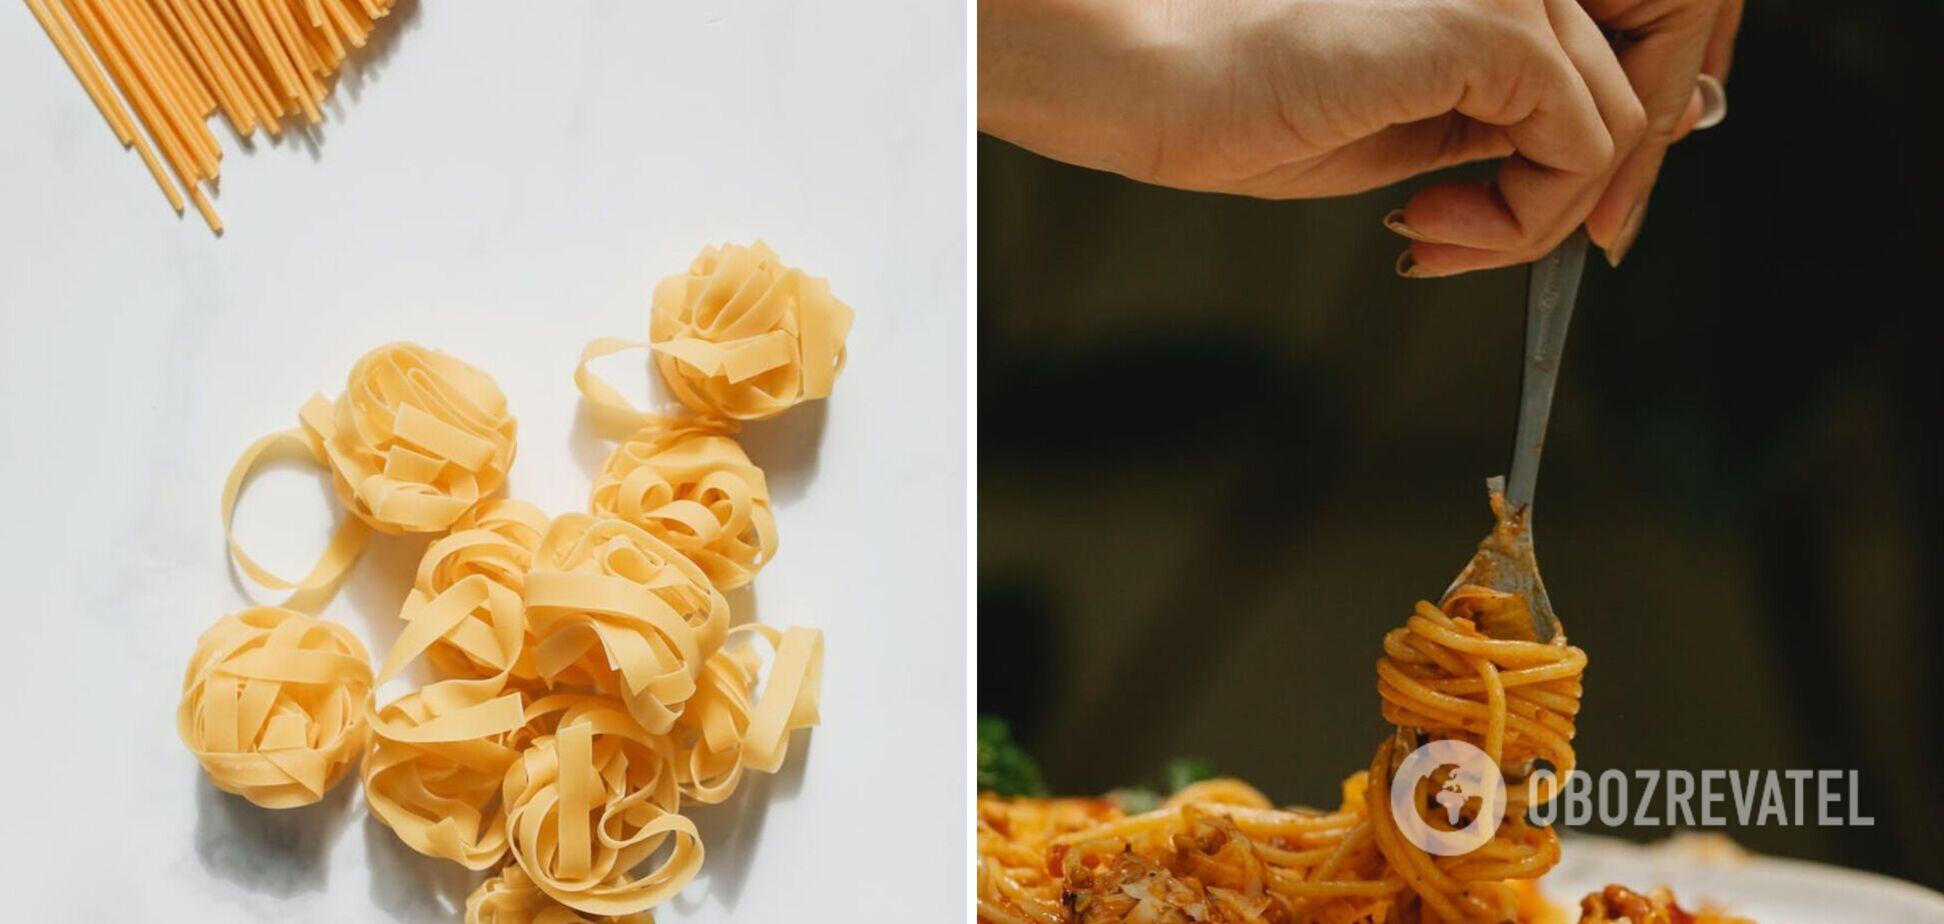 'Гнізда з секретом': як можна святково приготувати макарони